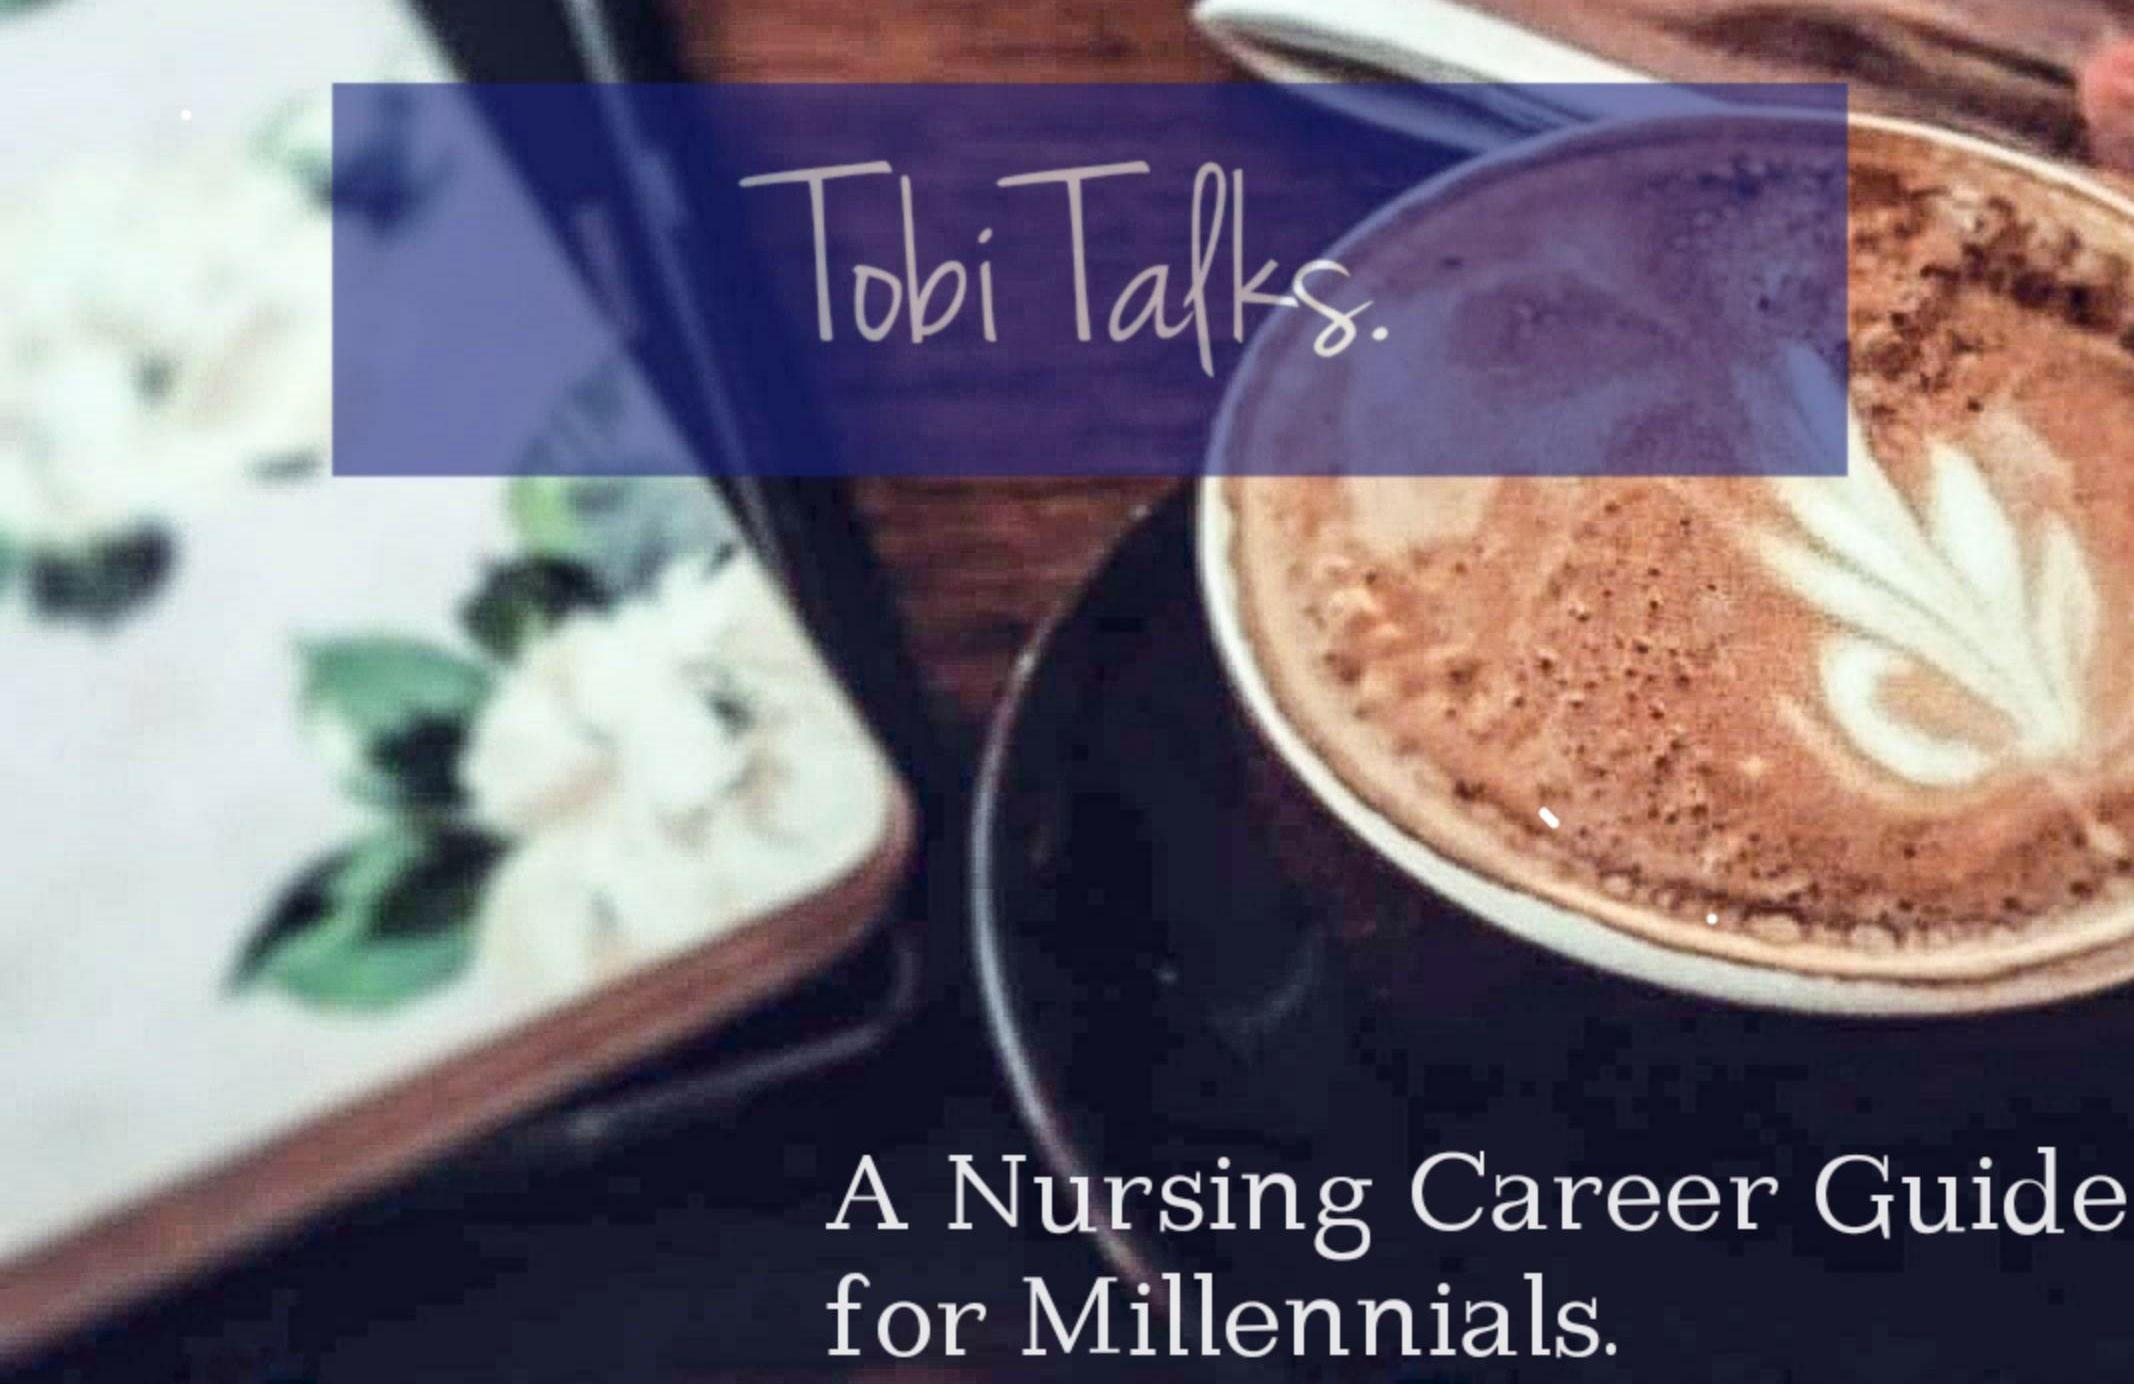 tobi talks.jpg